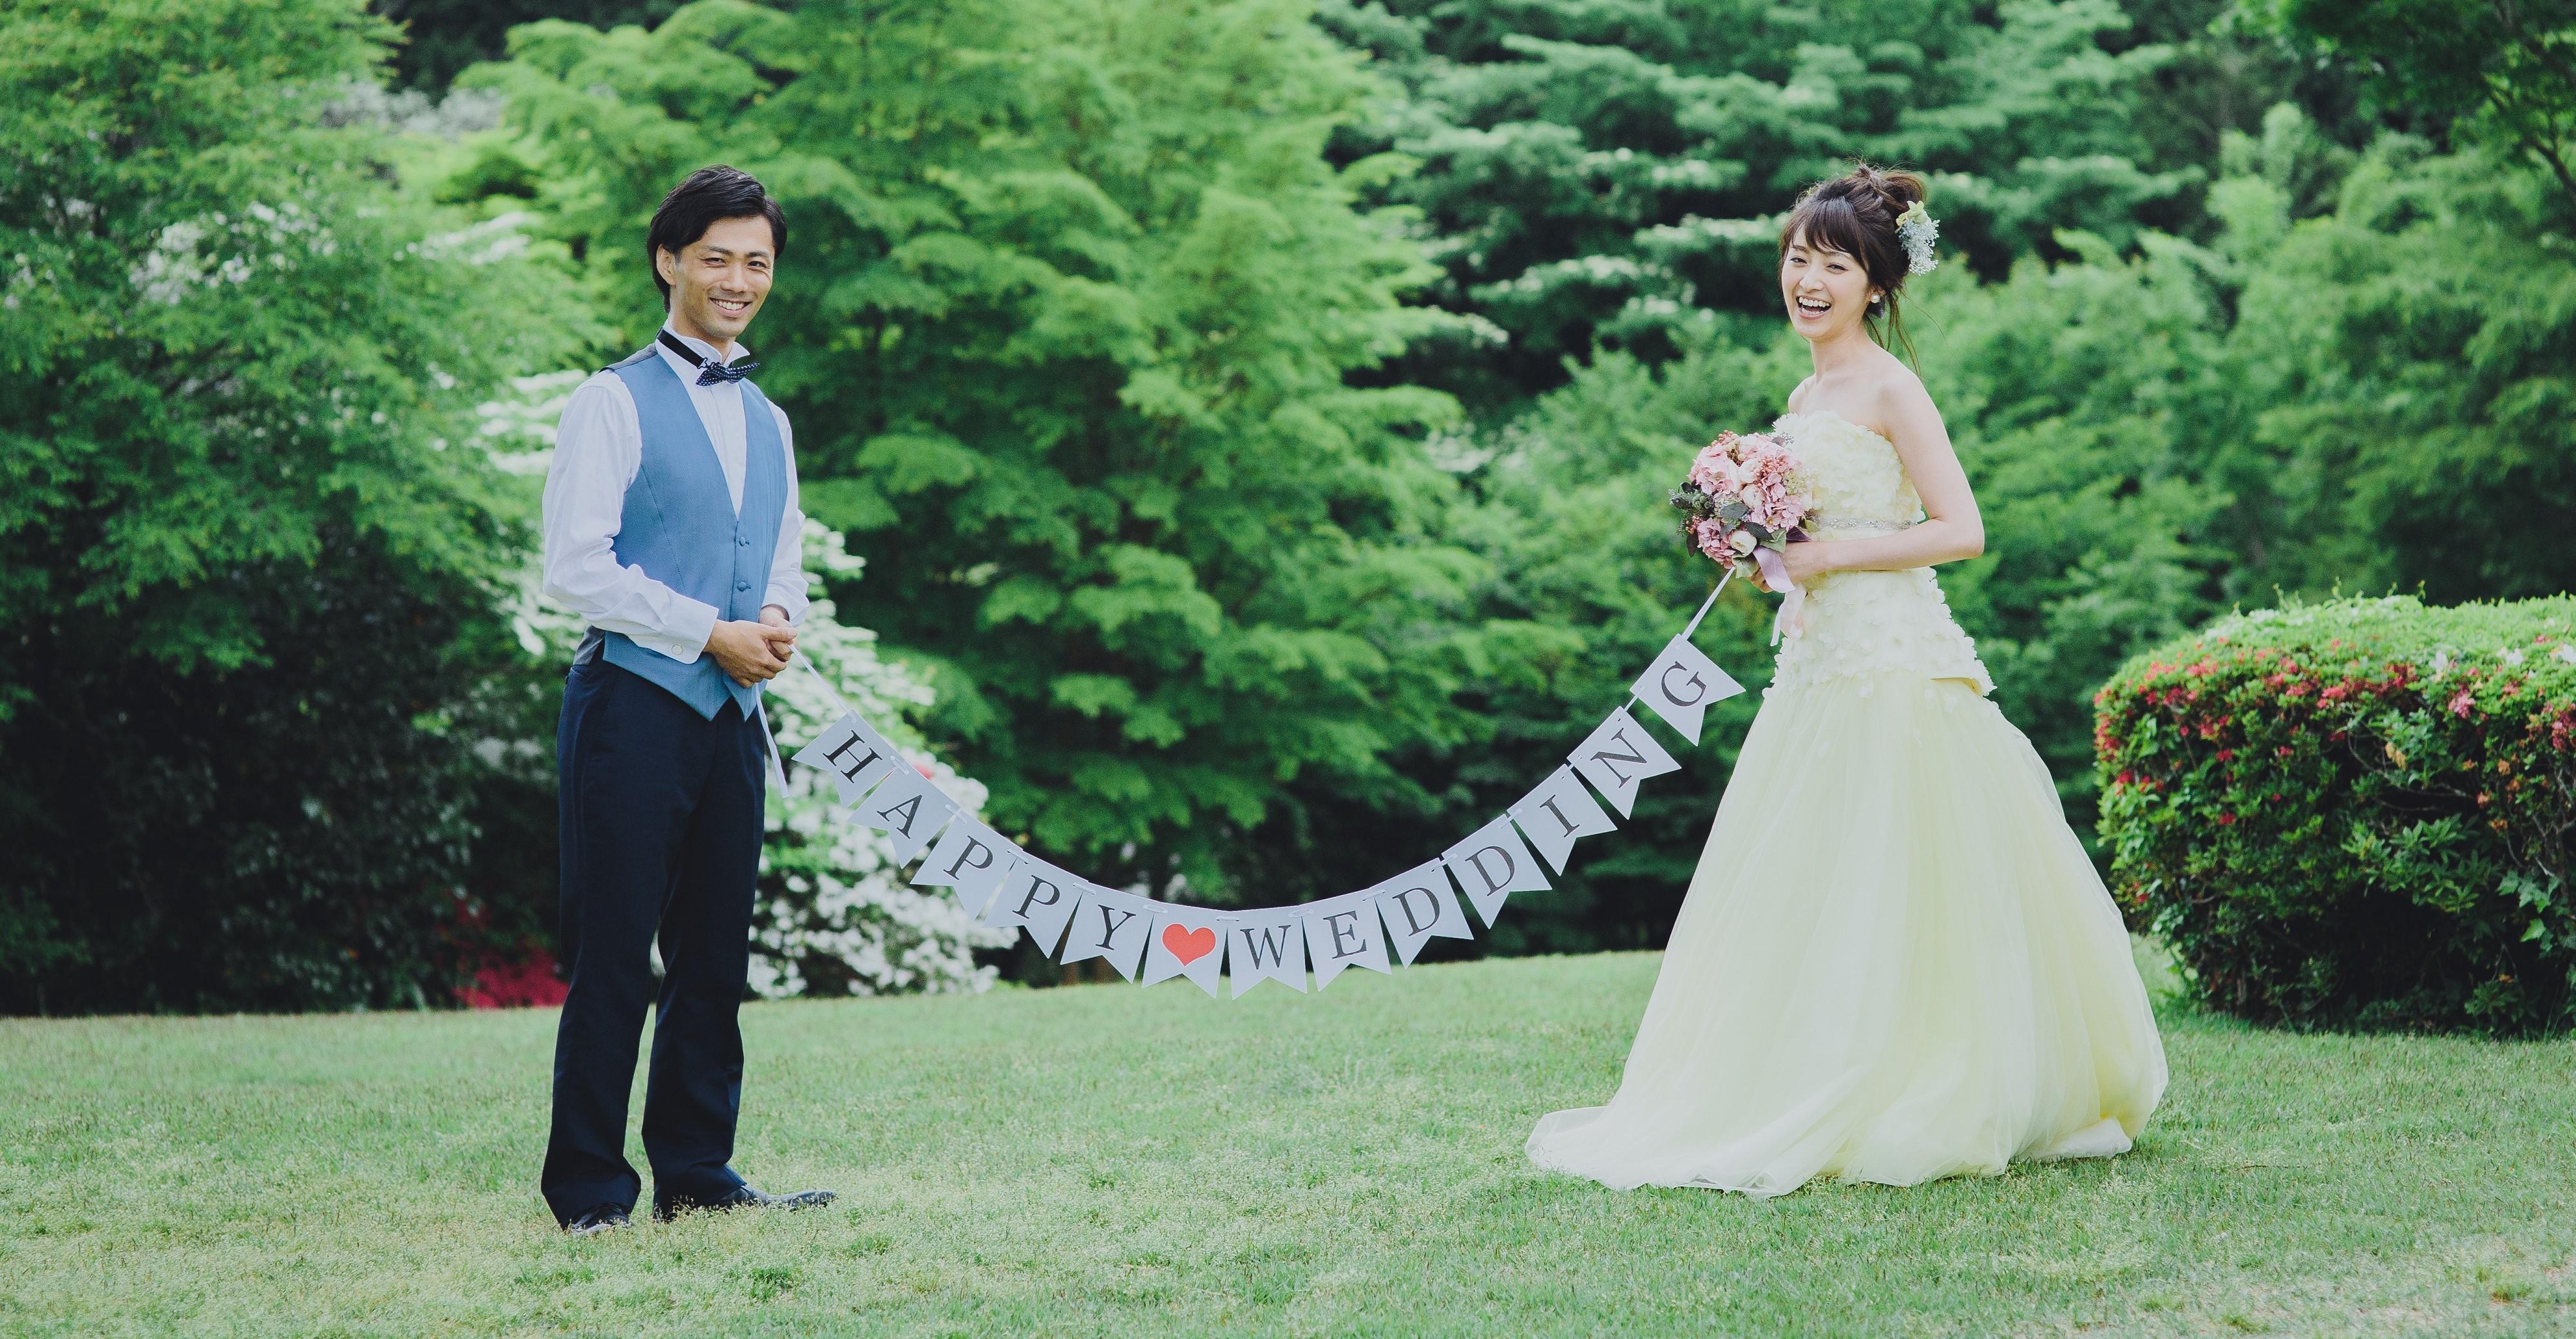 【箱根海賊船】Wedding<br/>アットホーム船上結婚式×パーティー